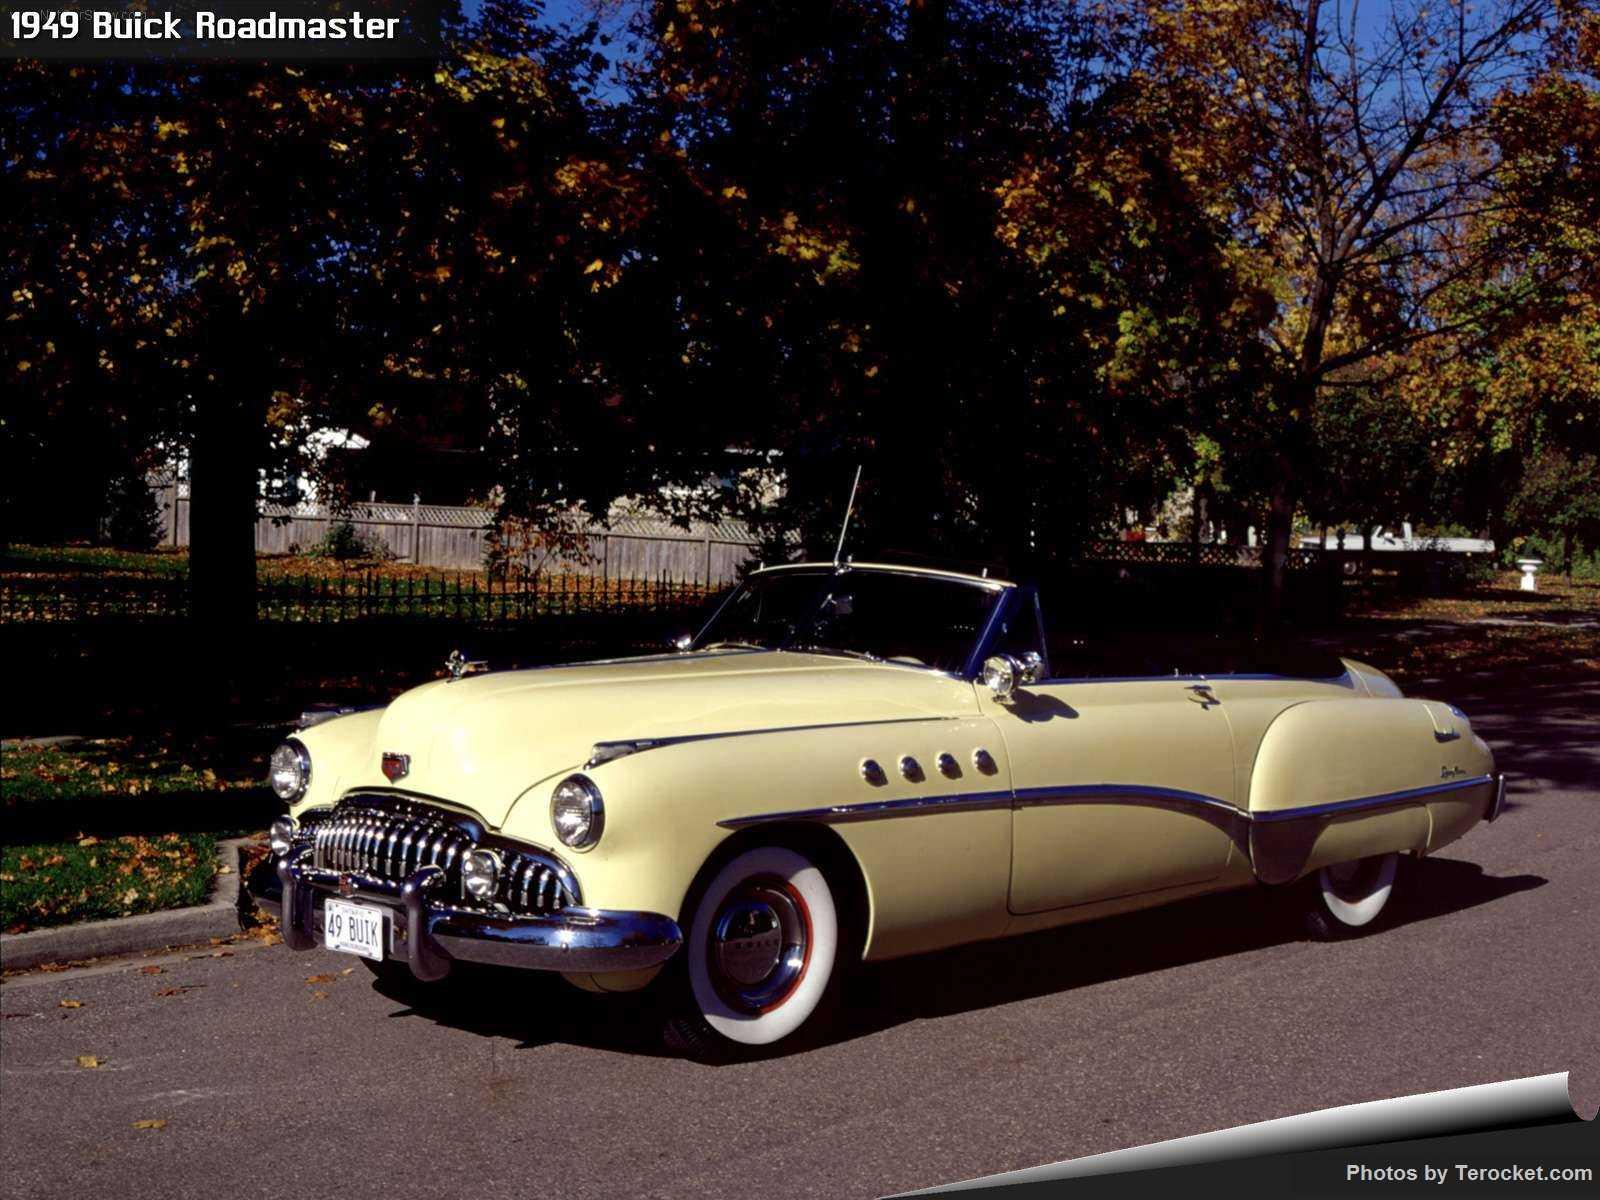 Hình ảnh xe ô tô Buick Roadmaster 1949 & nội ngoại thất